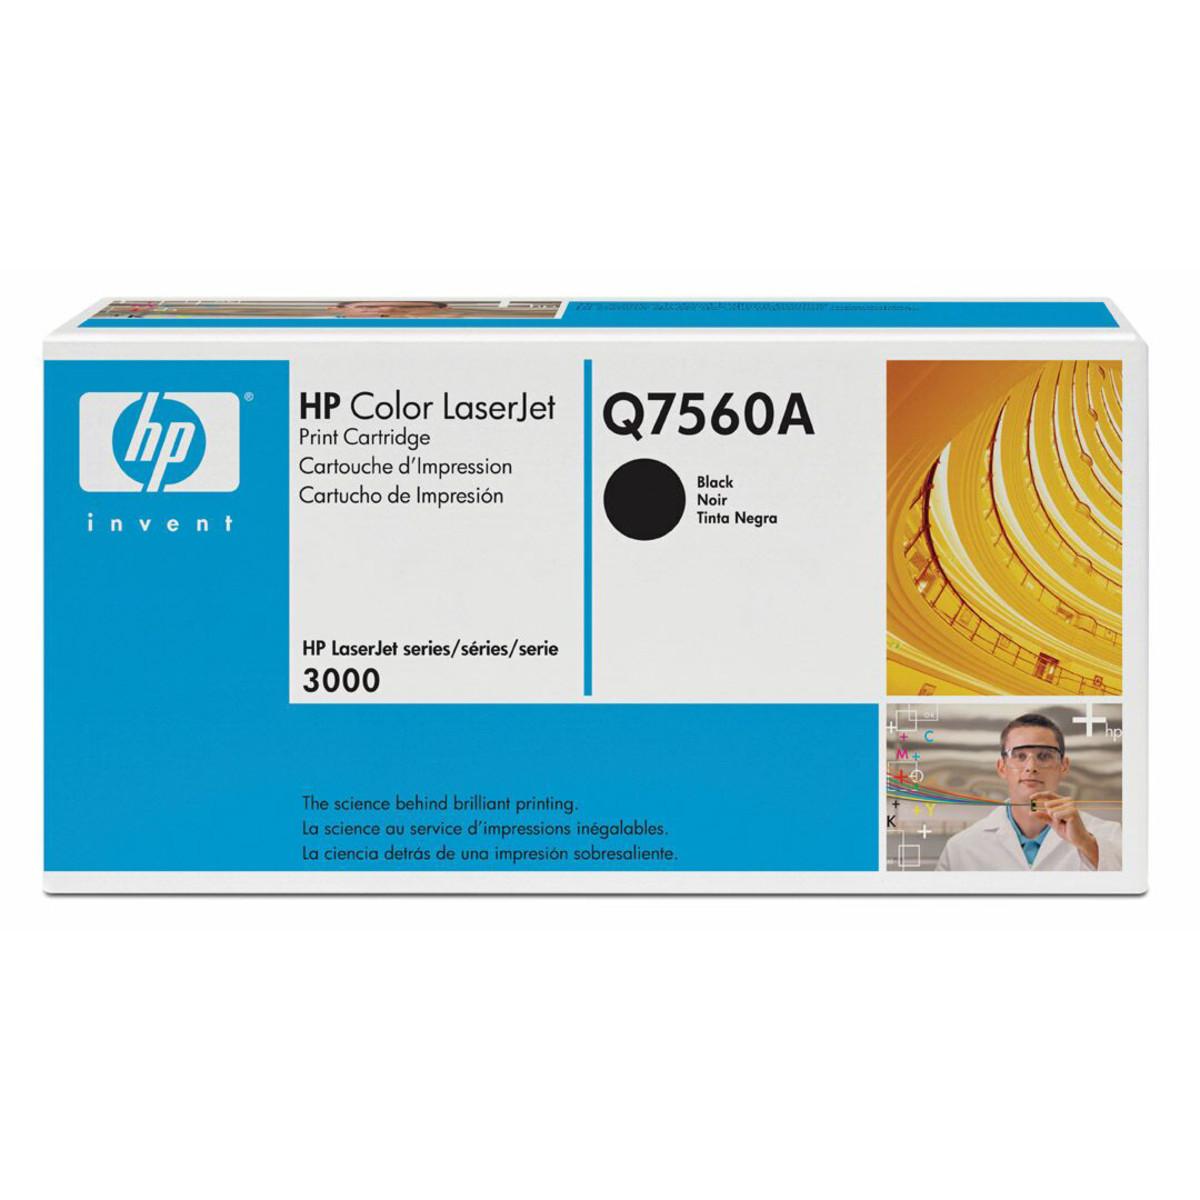 HP 314A (Q7560A) Black Toner Cartridge